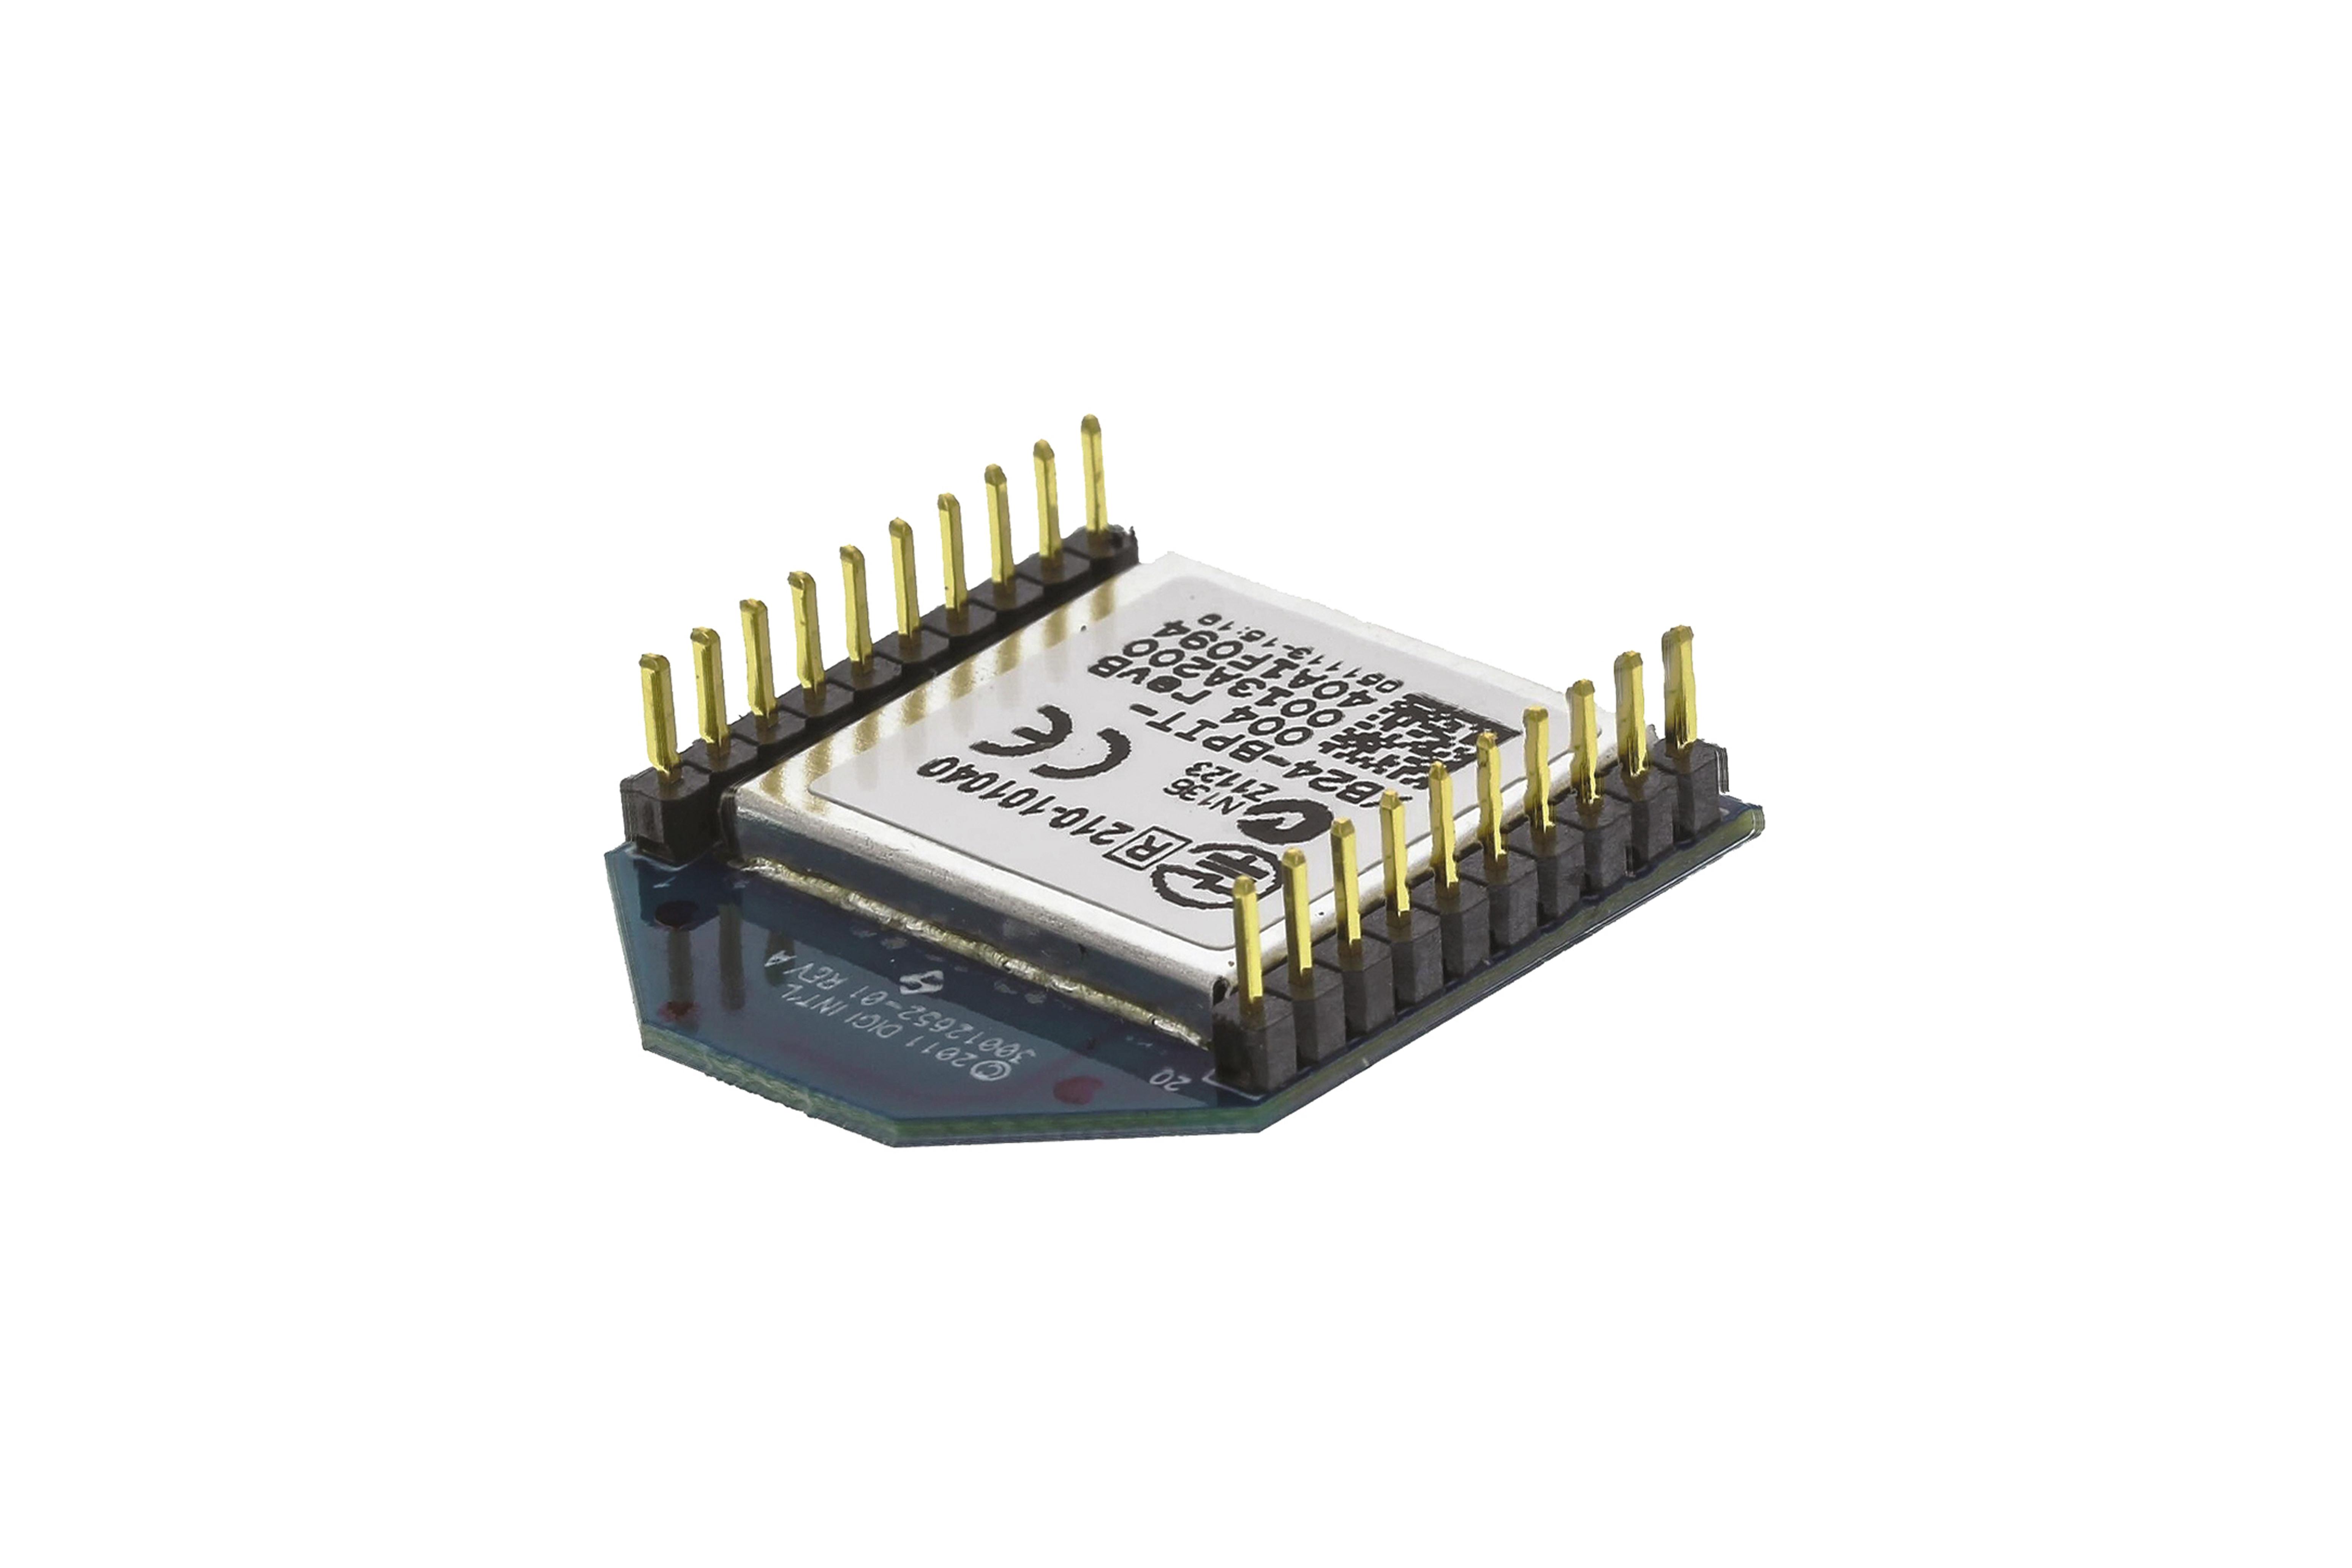 XBee(ジグビー)シリーズ2 RFモジュール PCBアンテナ 1MW